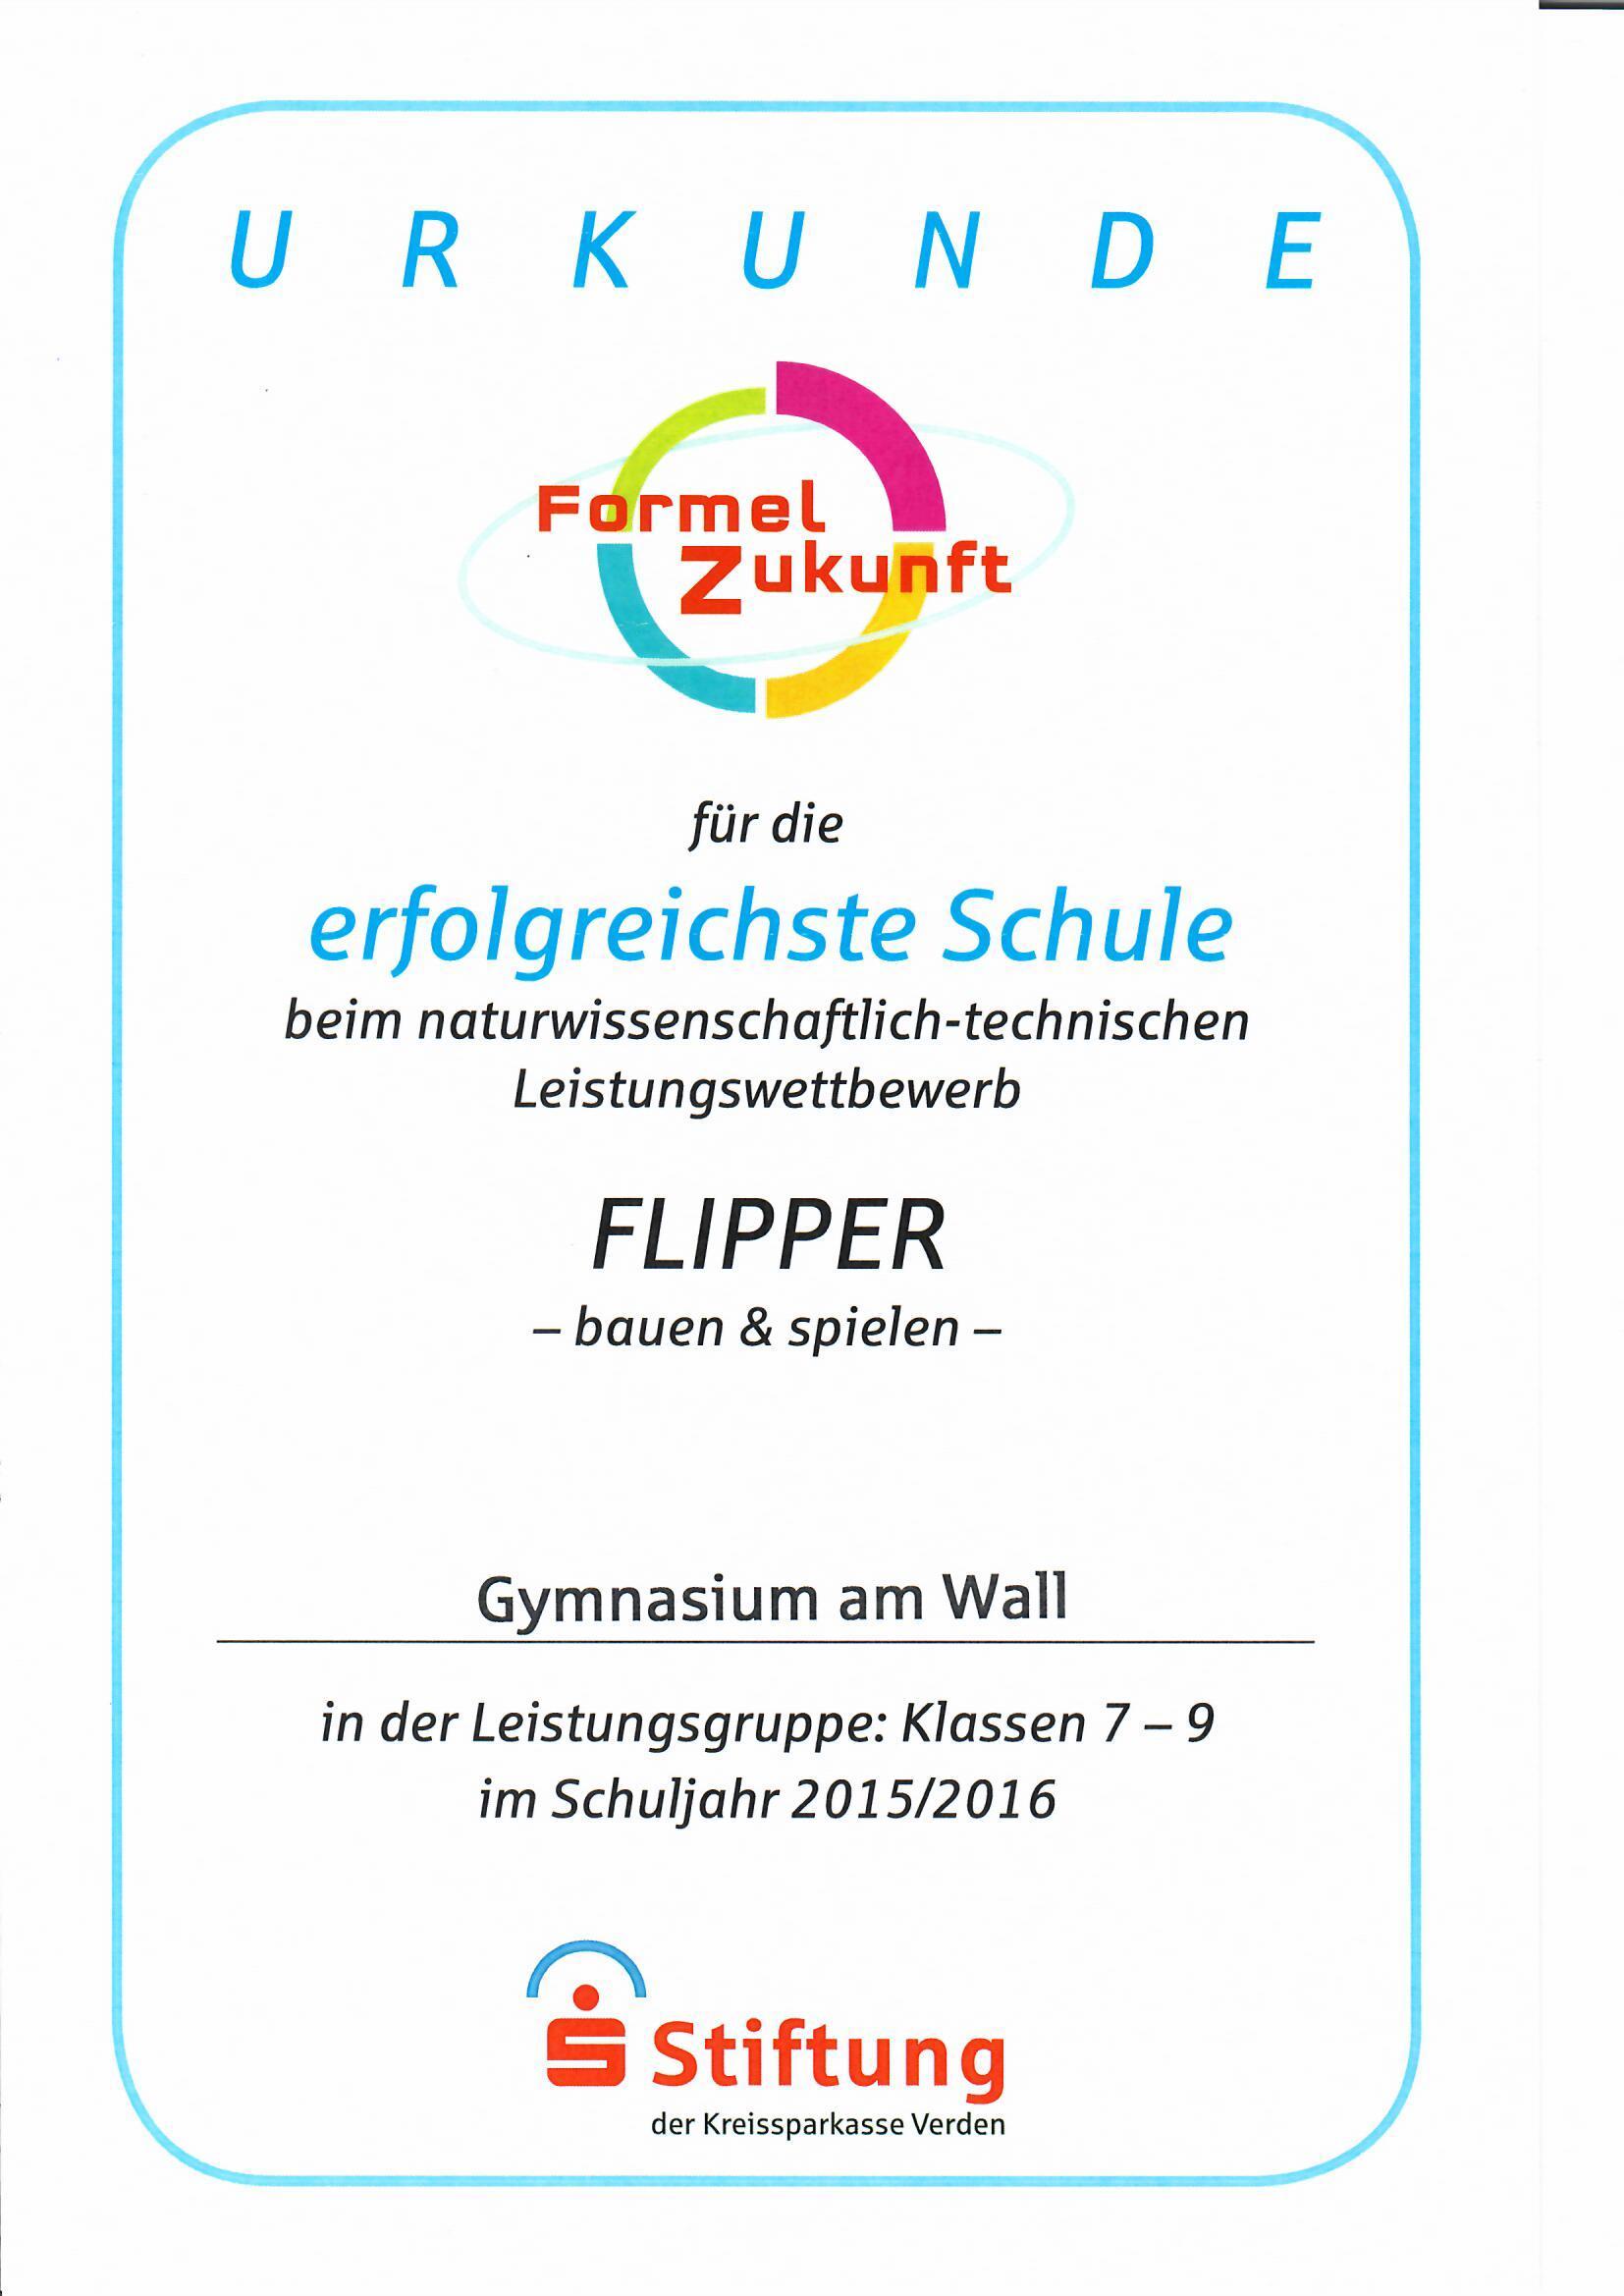 gymnasium am wall - Urkunde Formel Z